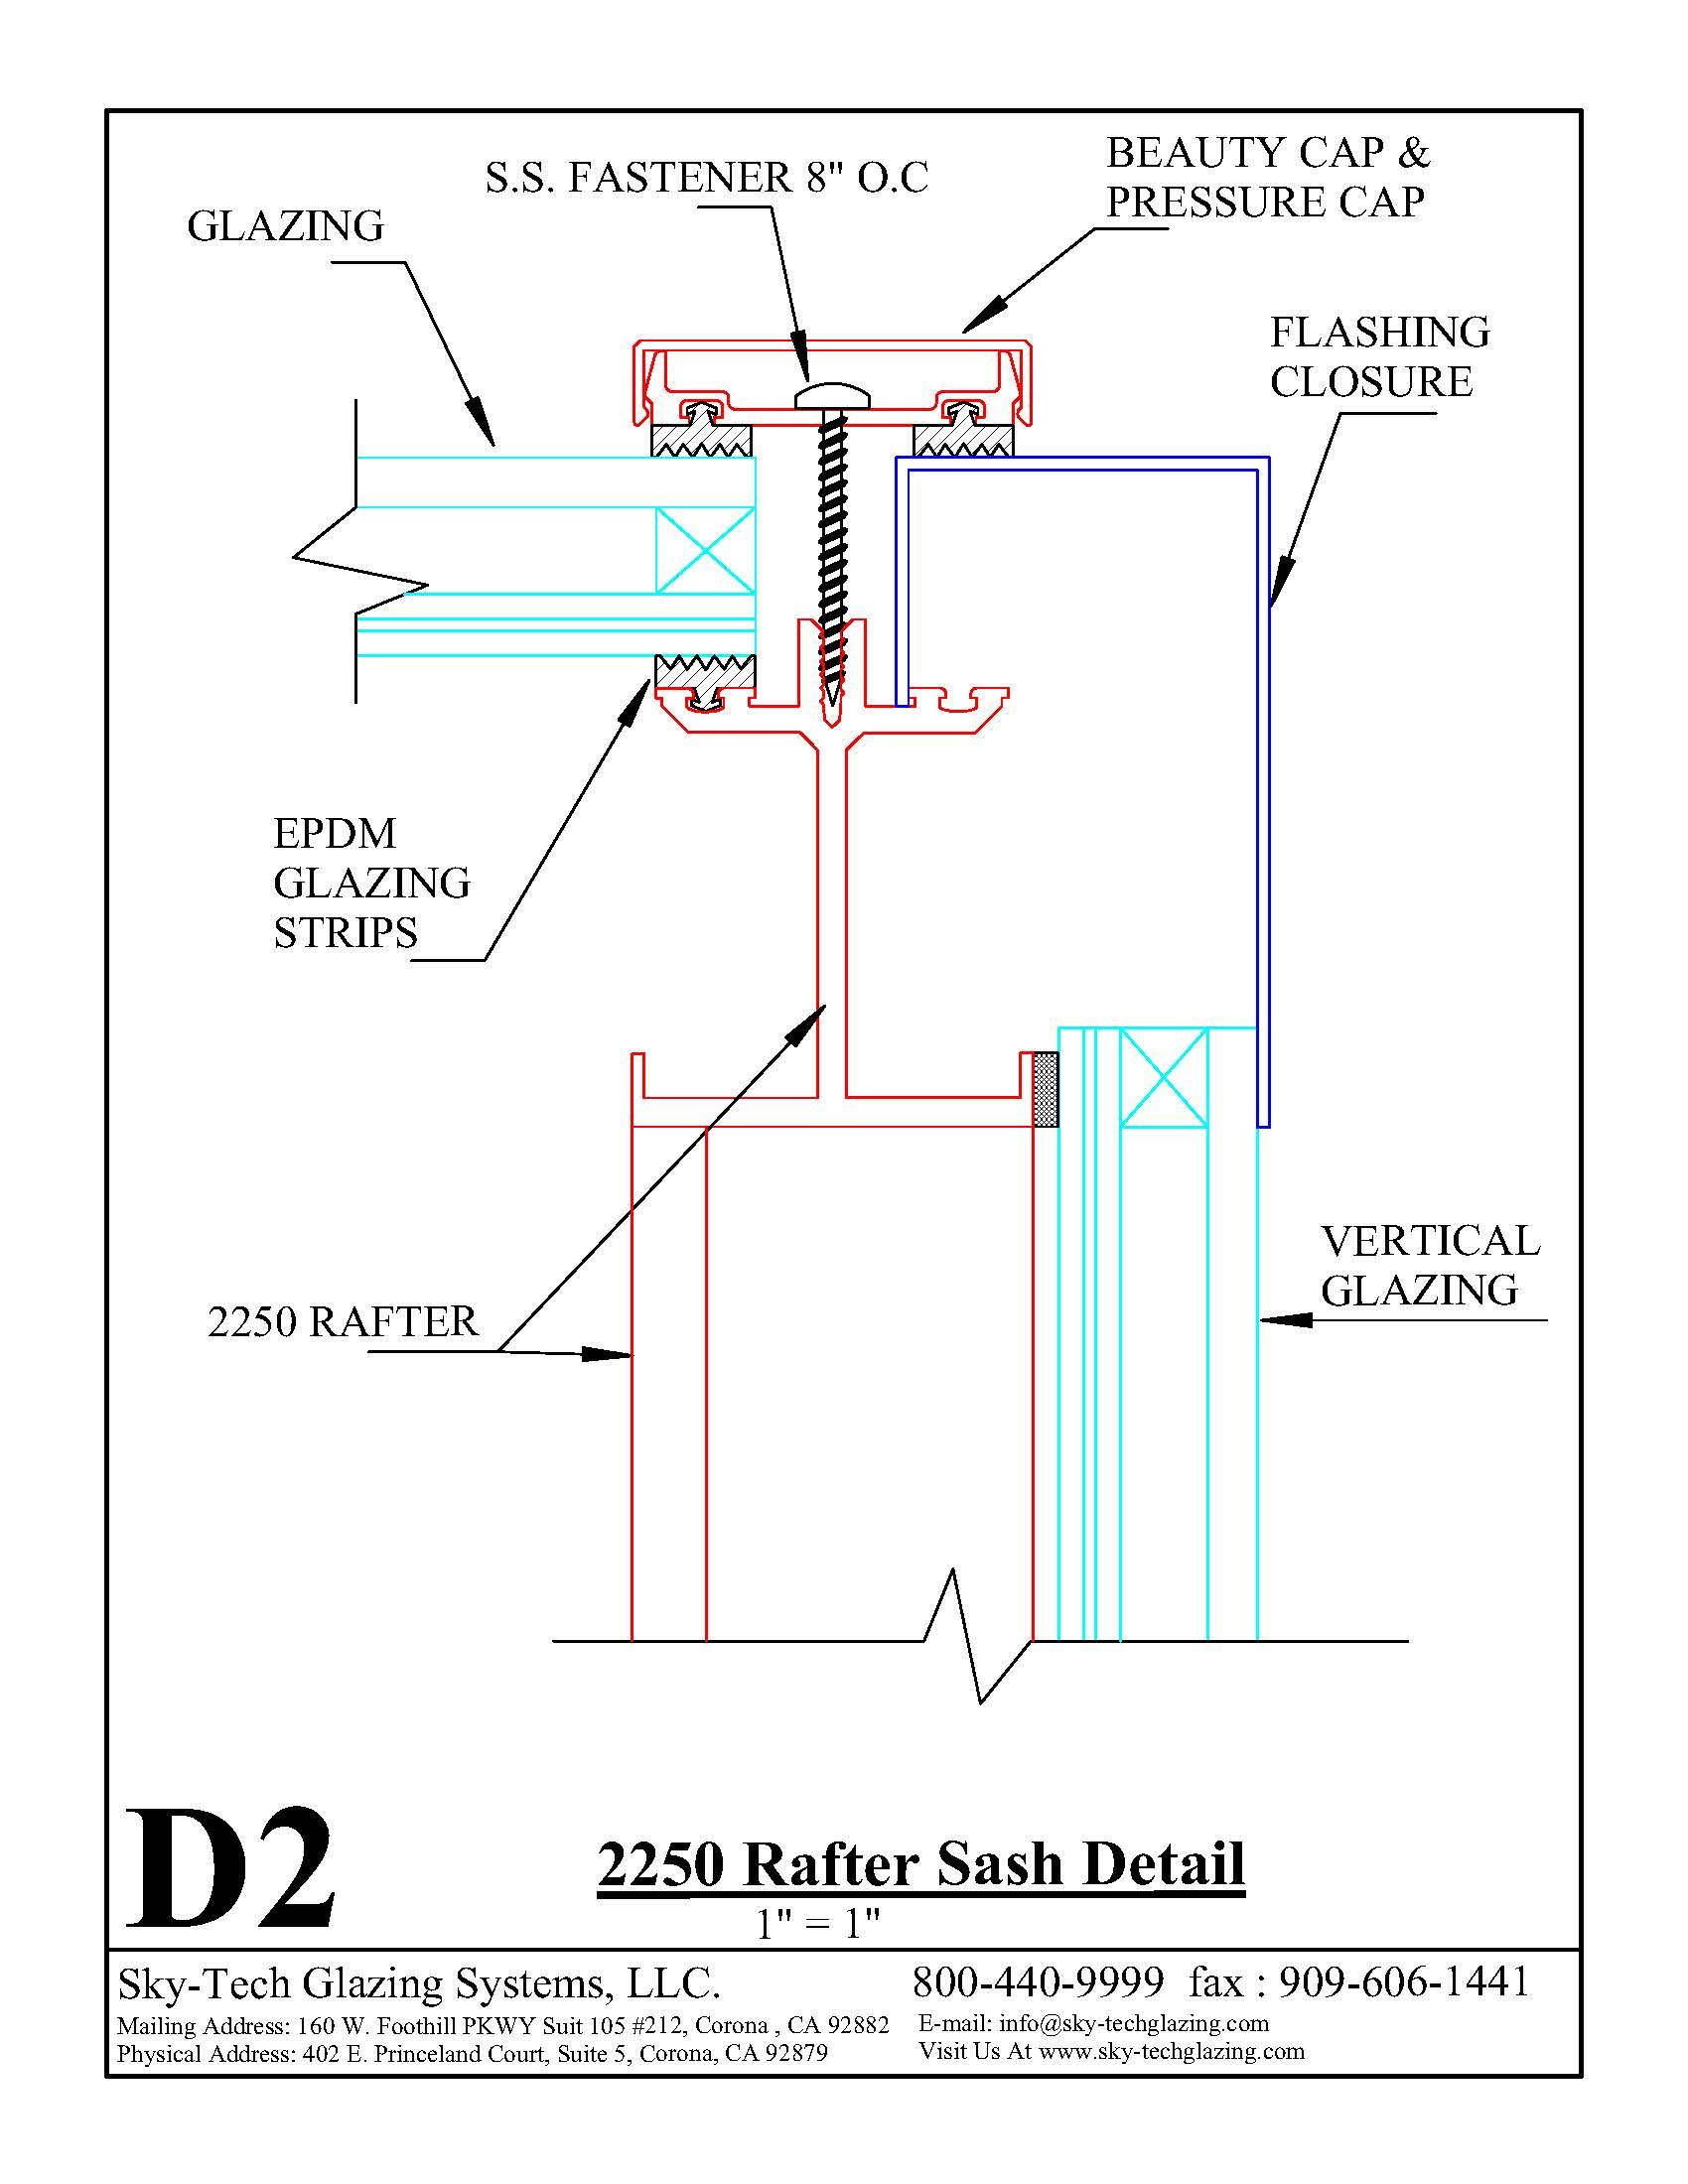 D2 2250 Rafter Sash Detail